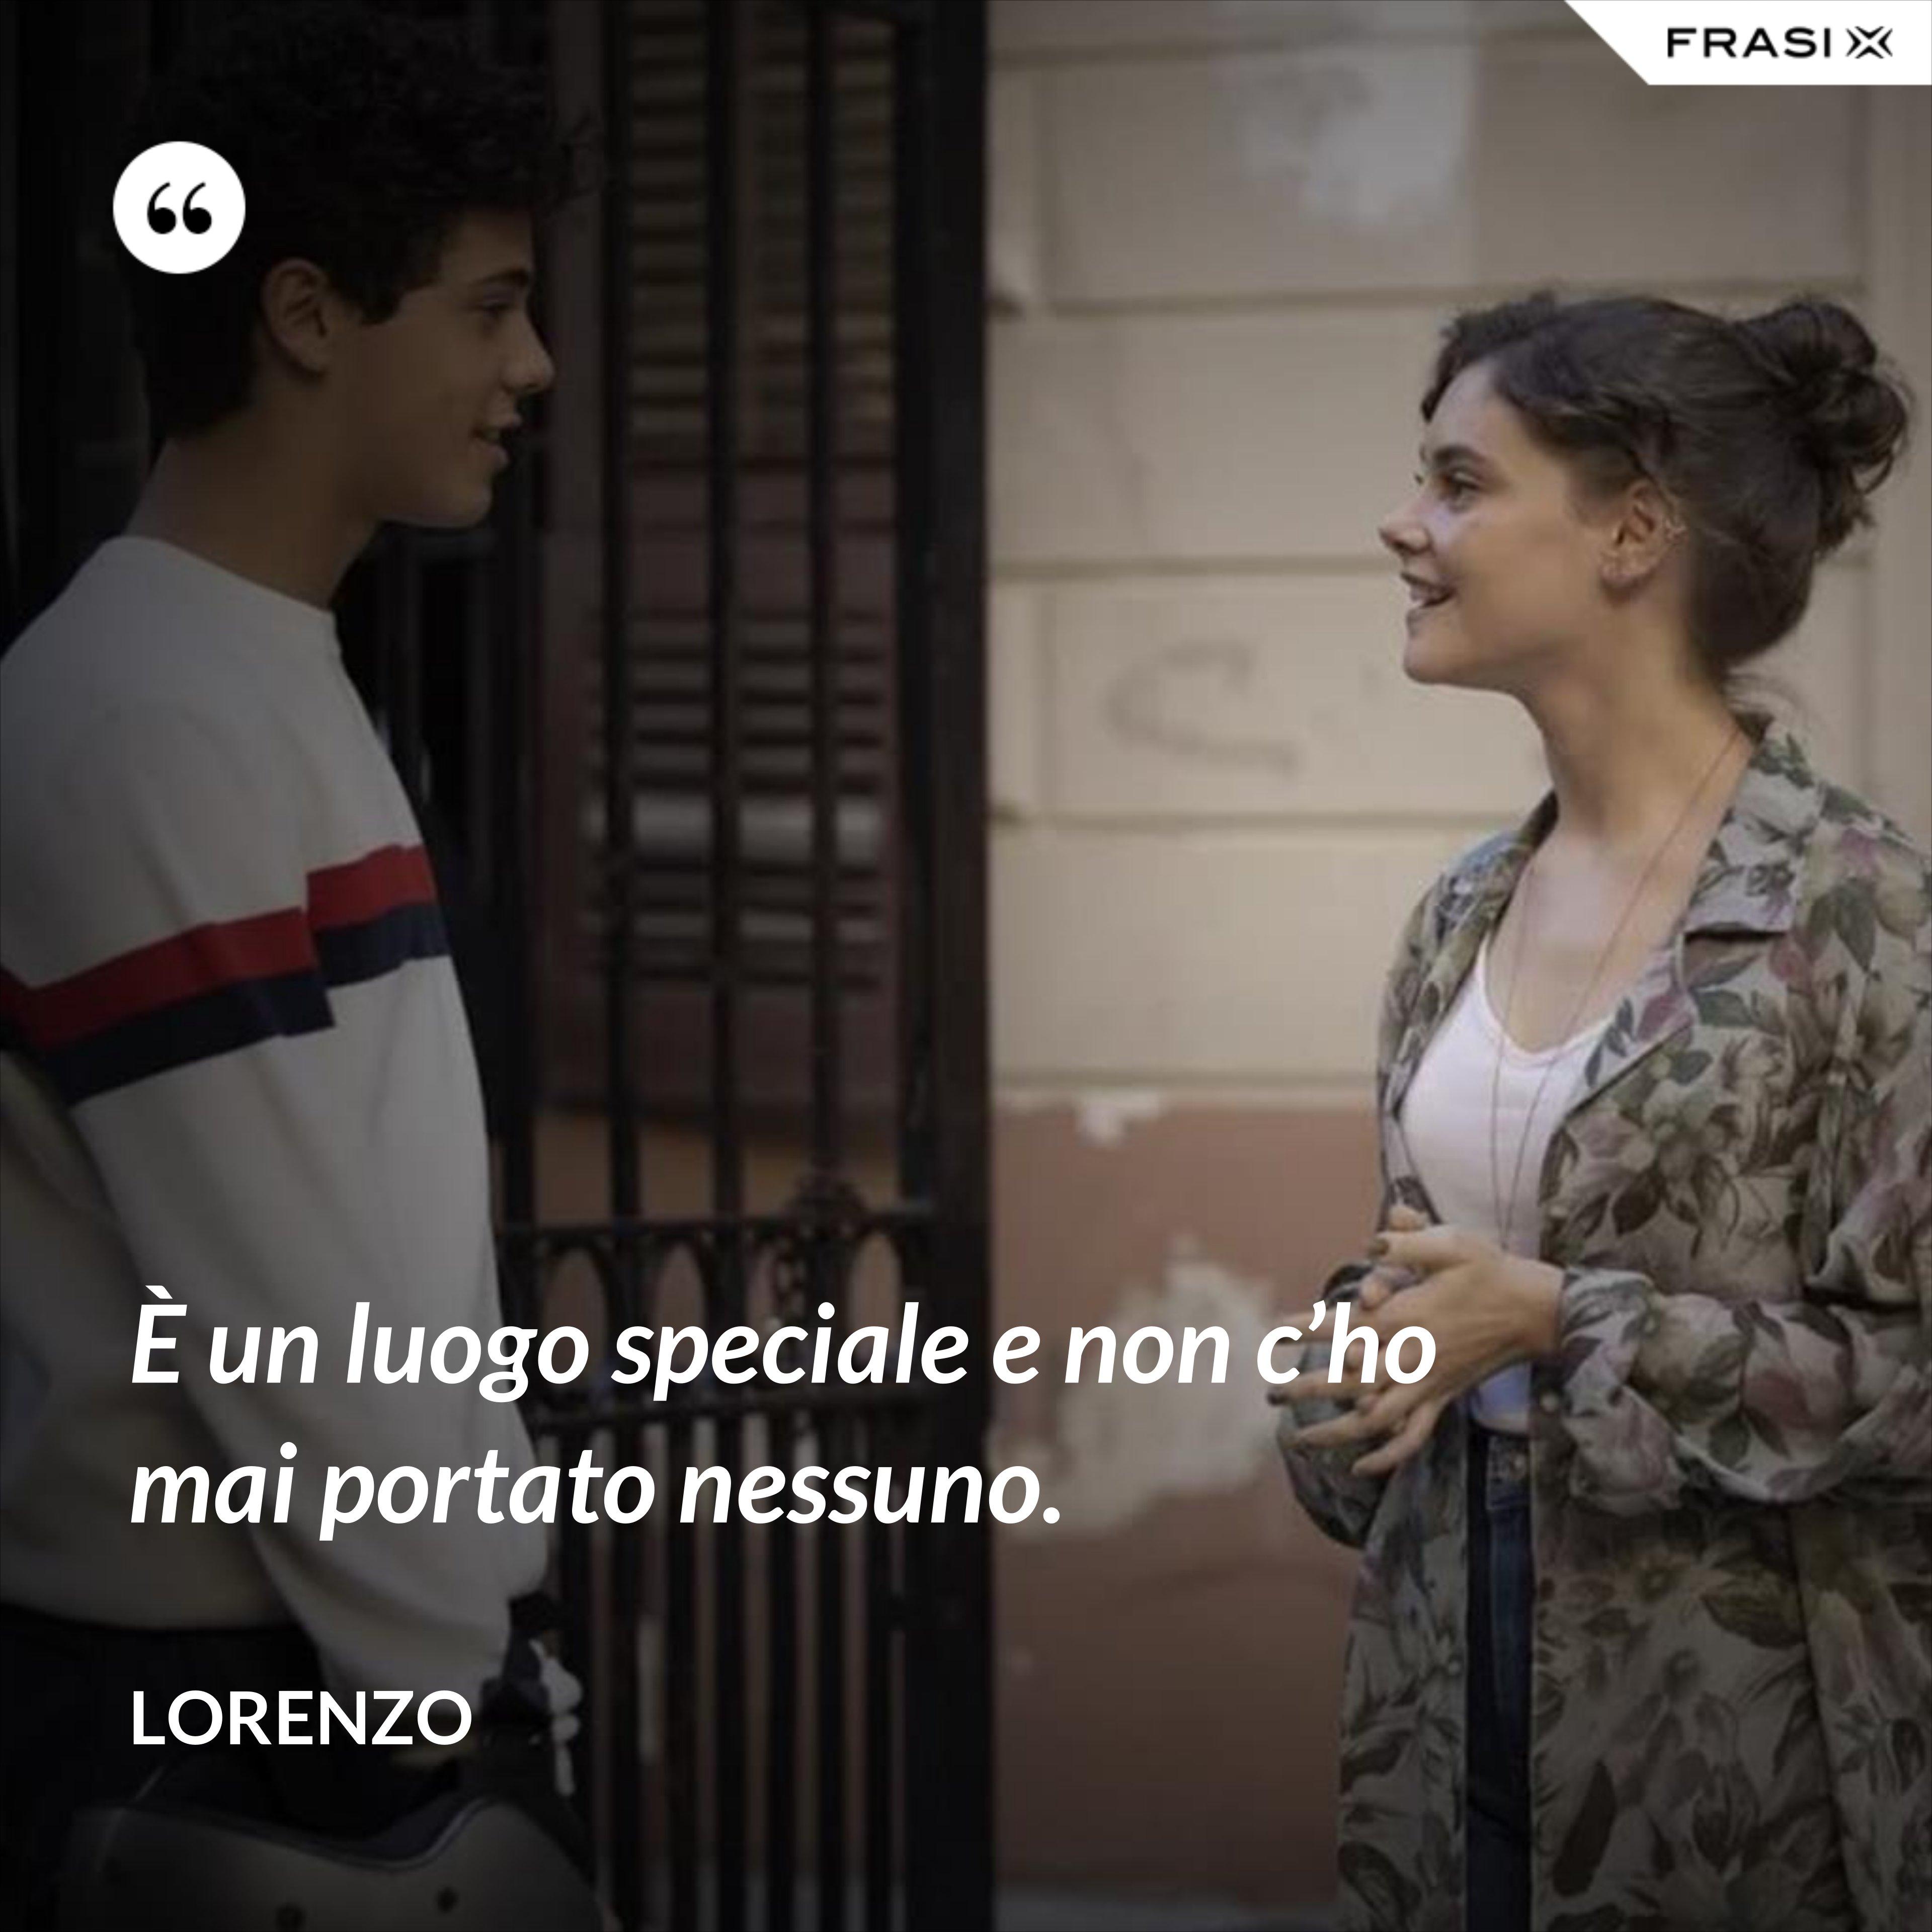 È un luogo speciale e non c'ho mai portato nessuno. - Lorenzo